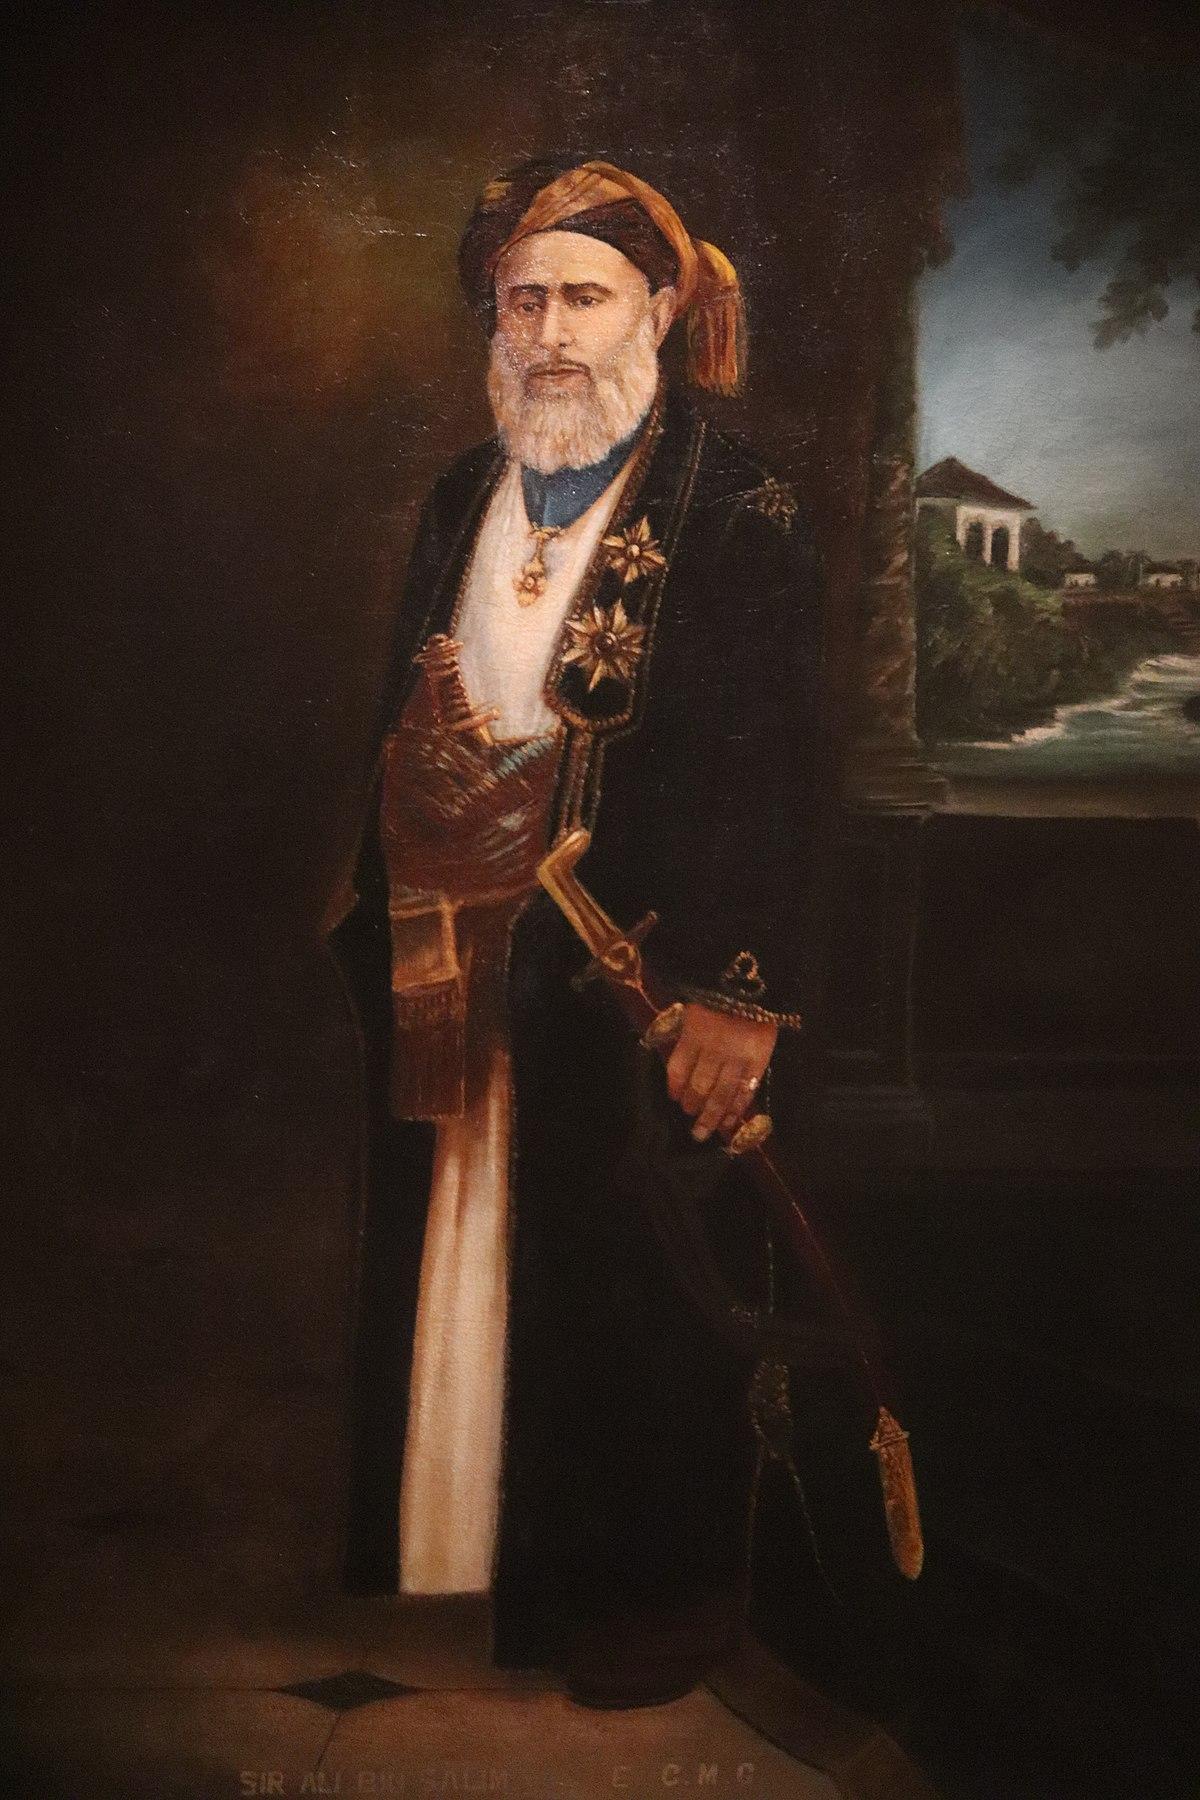 Sir Ali bin Salem.jpg